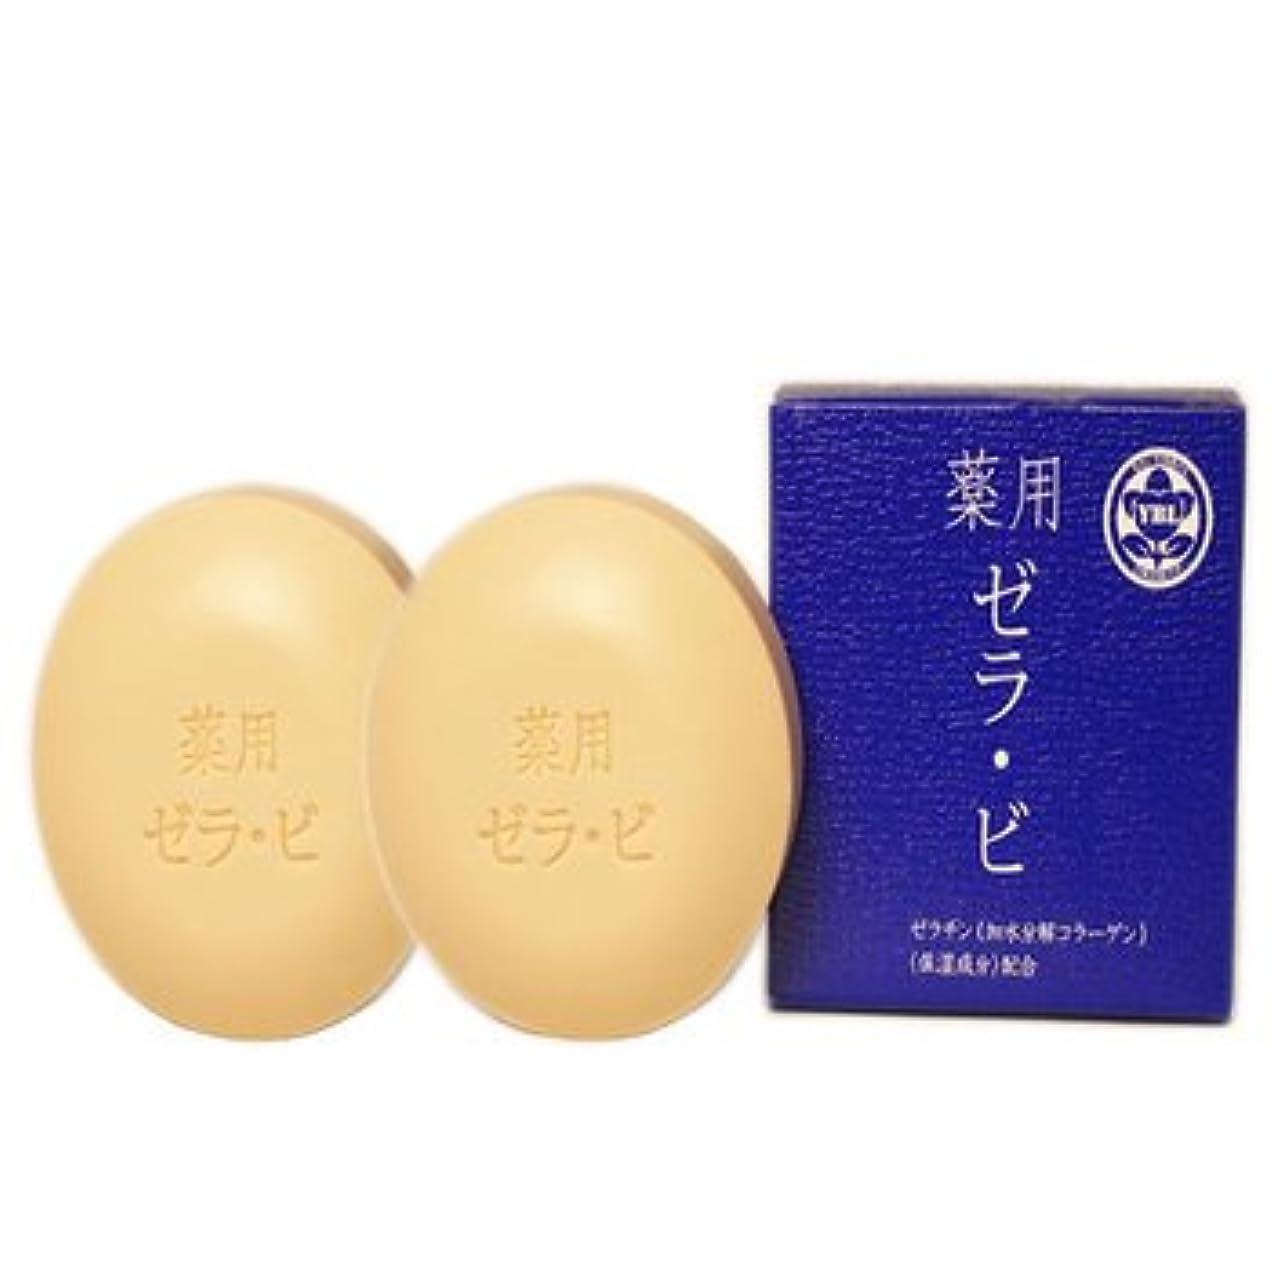 ステレオ蒸留する適応的薬用ゼラビ90g×2個セット【医薬部外品】